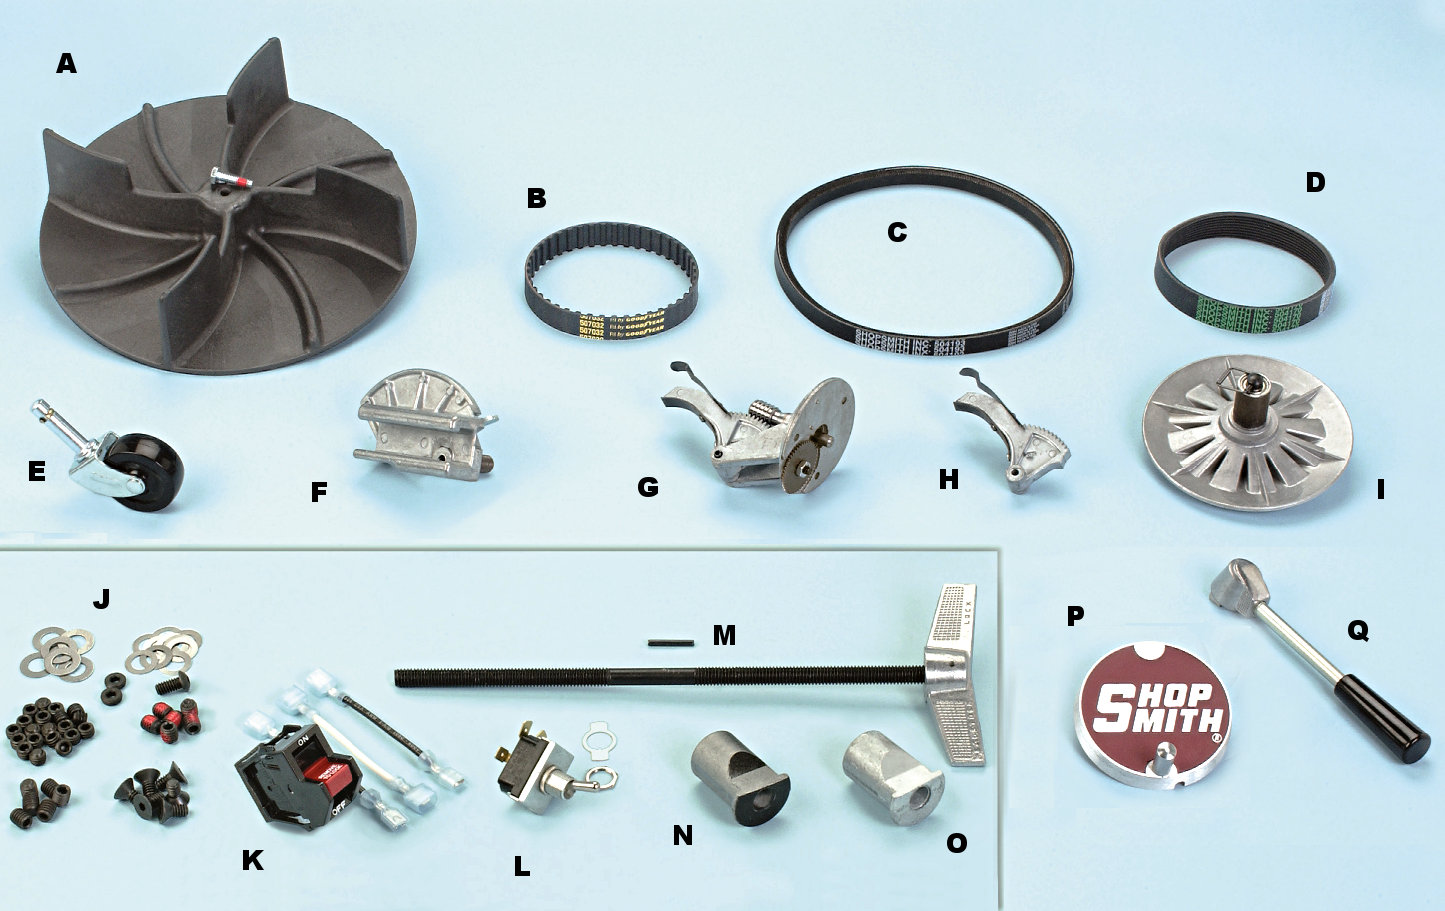 Shopsmith parts - Lookup BeforeBuying